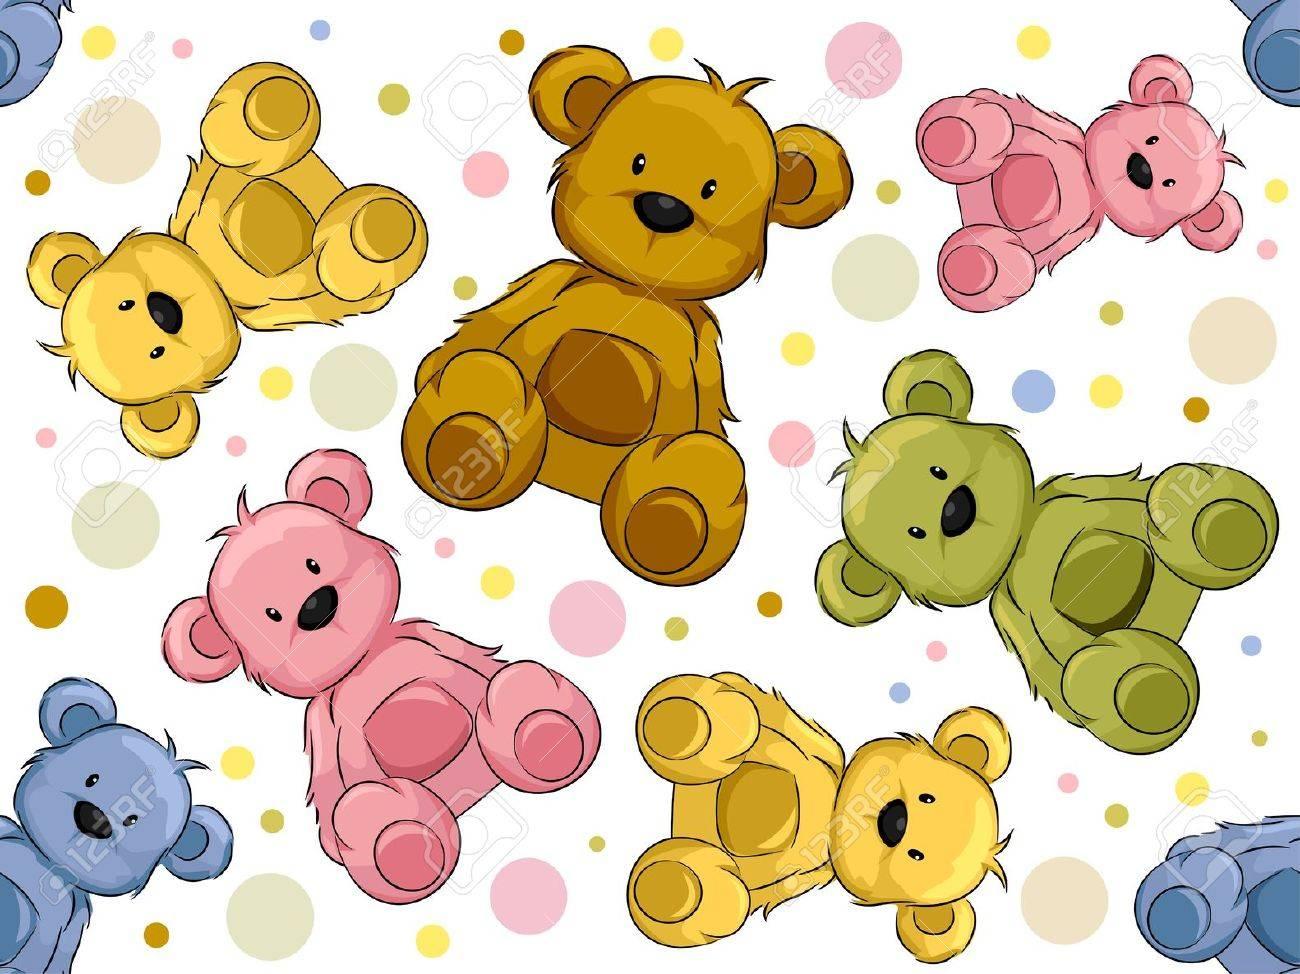 Seamless Illustration Featuring Teddy Bears Stock Illustration - 13559557